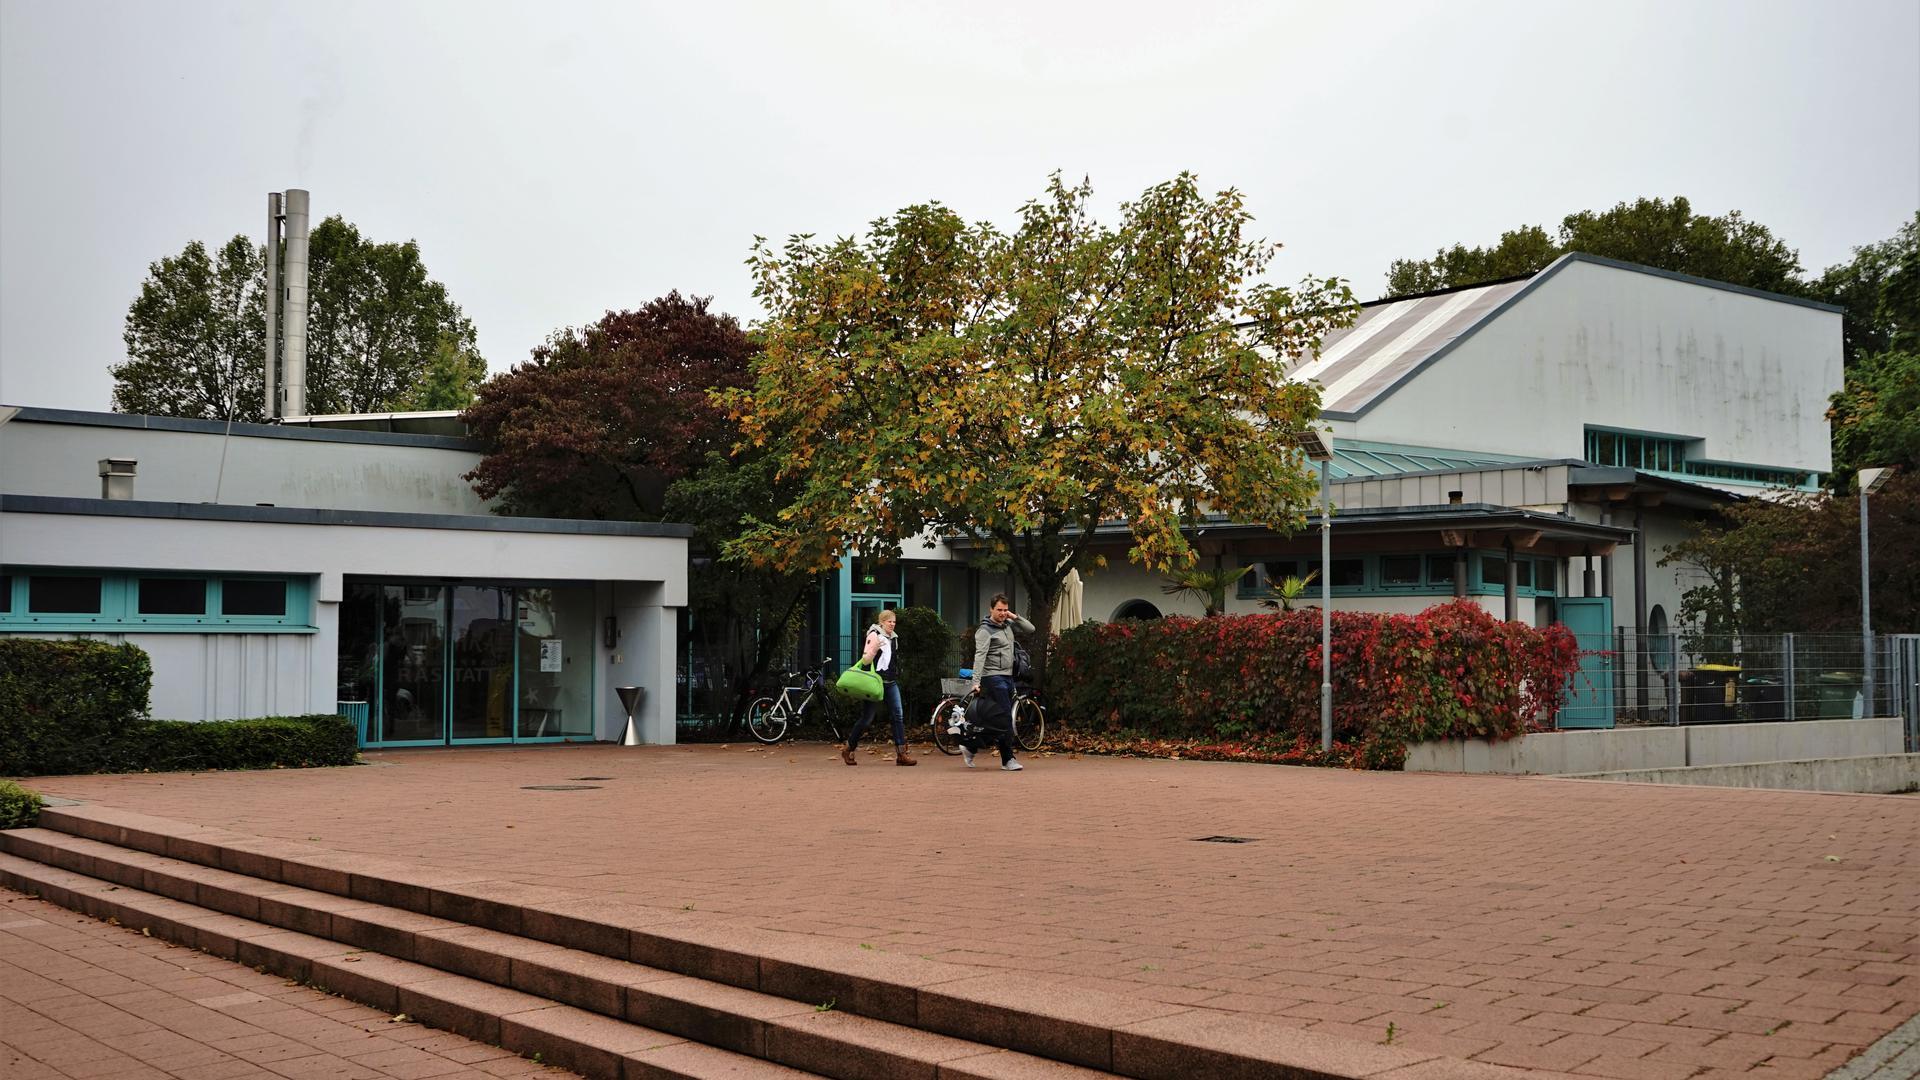 Später auf, früher zu: Das Rastatter Hallenbad Alohra könnte künftig bis zu 15 Stunden weniger für Besucher geöffnet haben. Damit reagiert der Technische Ausschuss auf den Arbeitsmarkt.